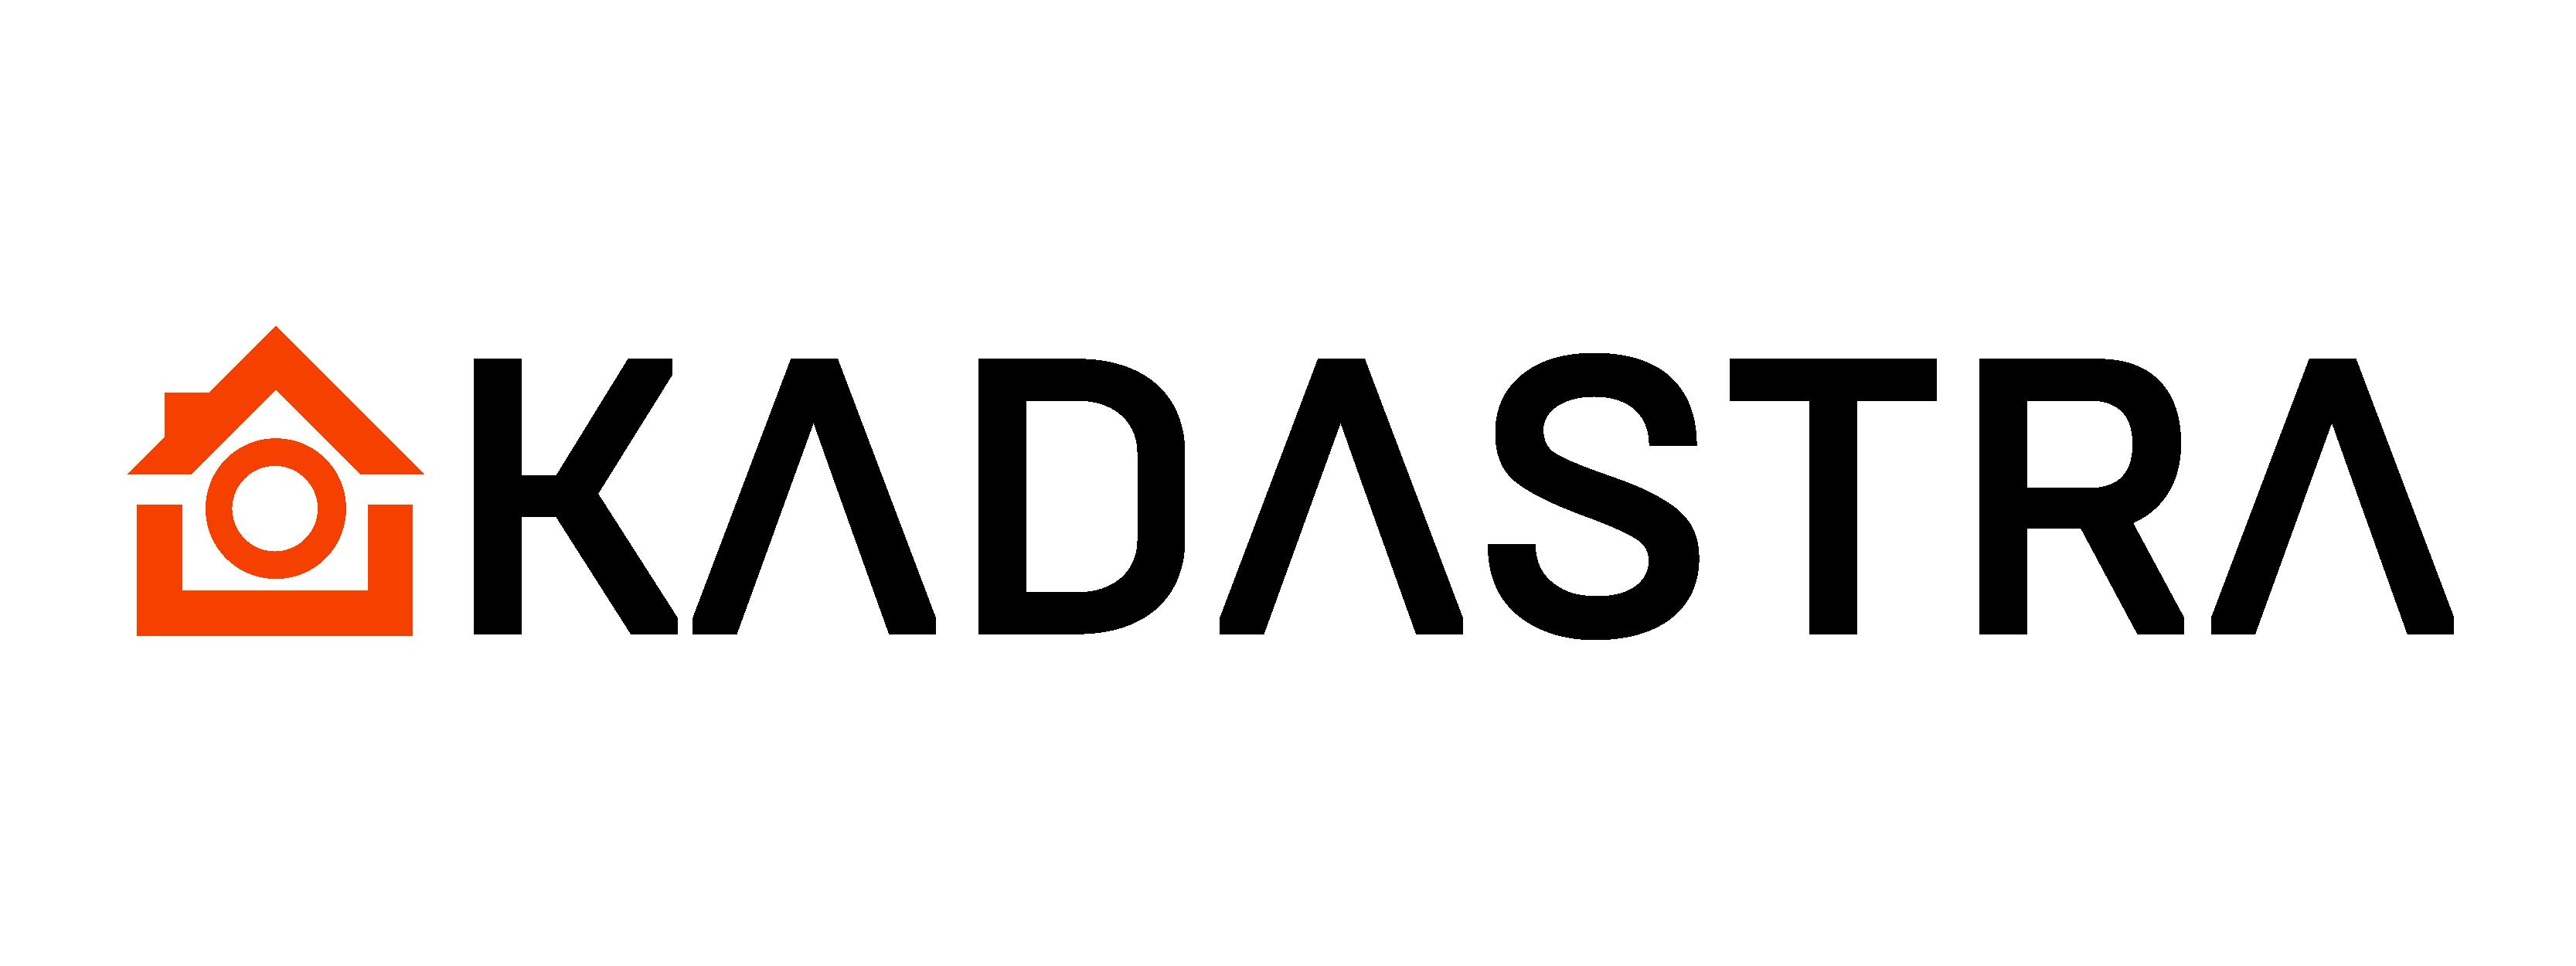 kaDASTRA